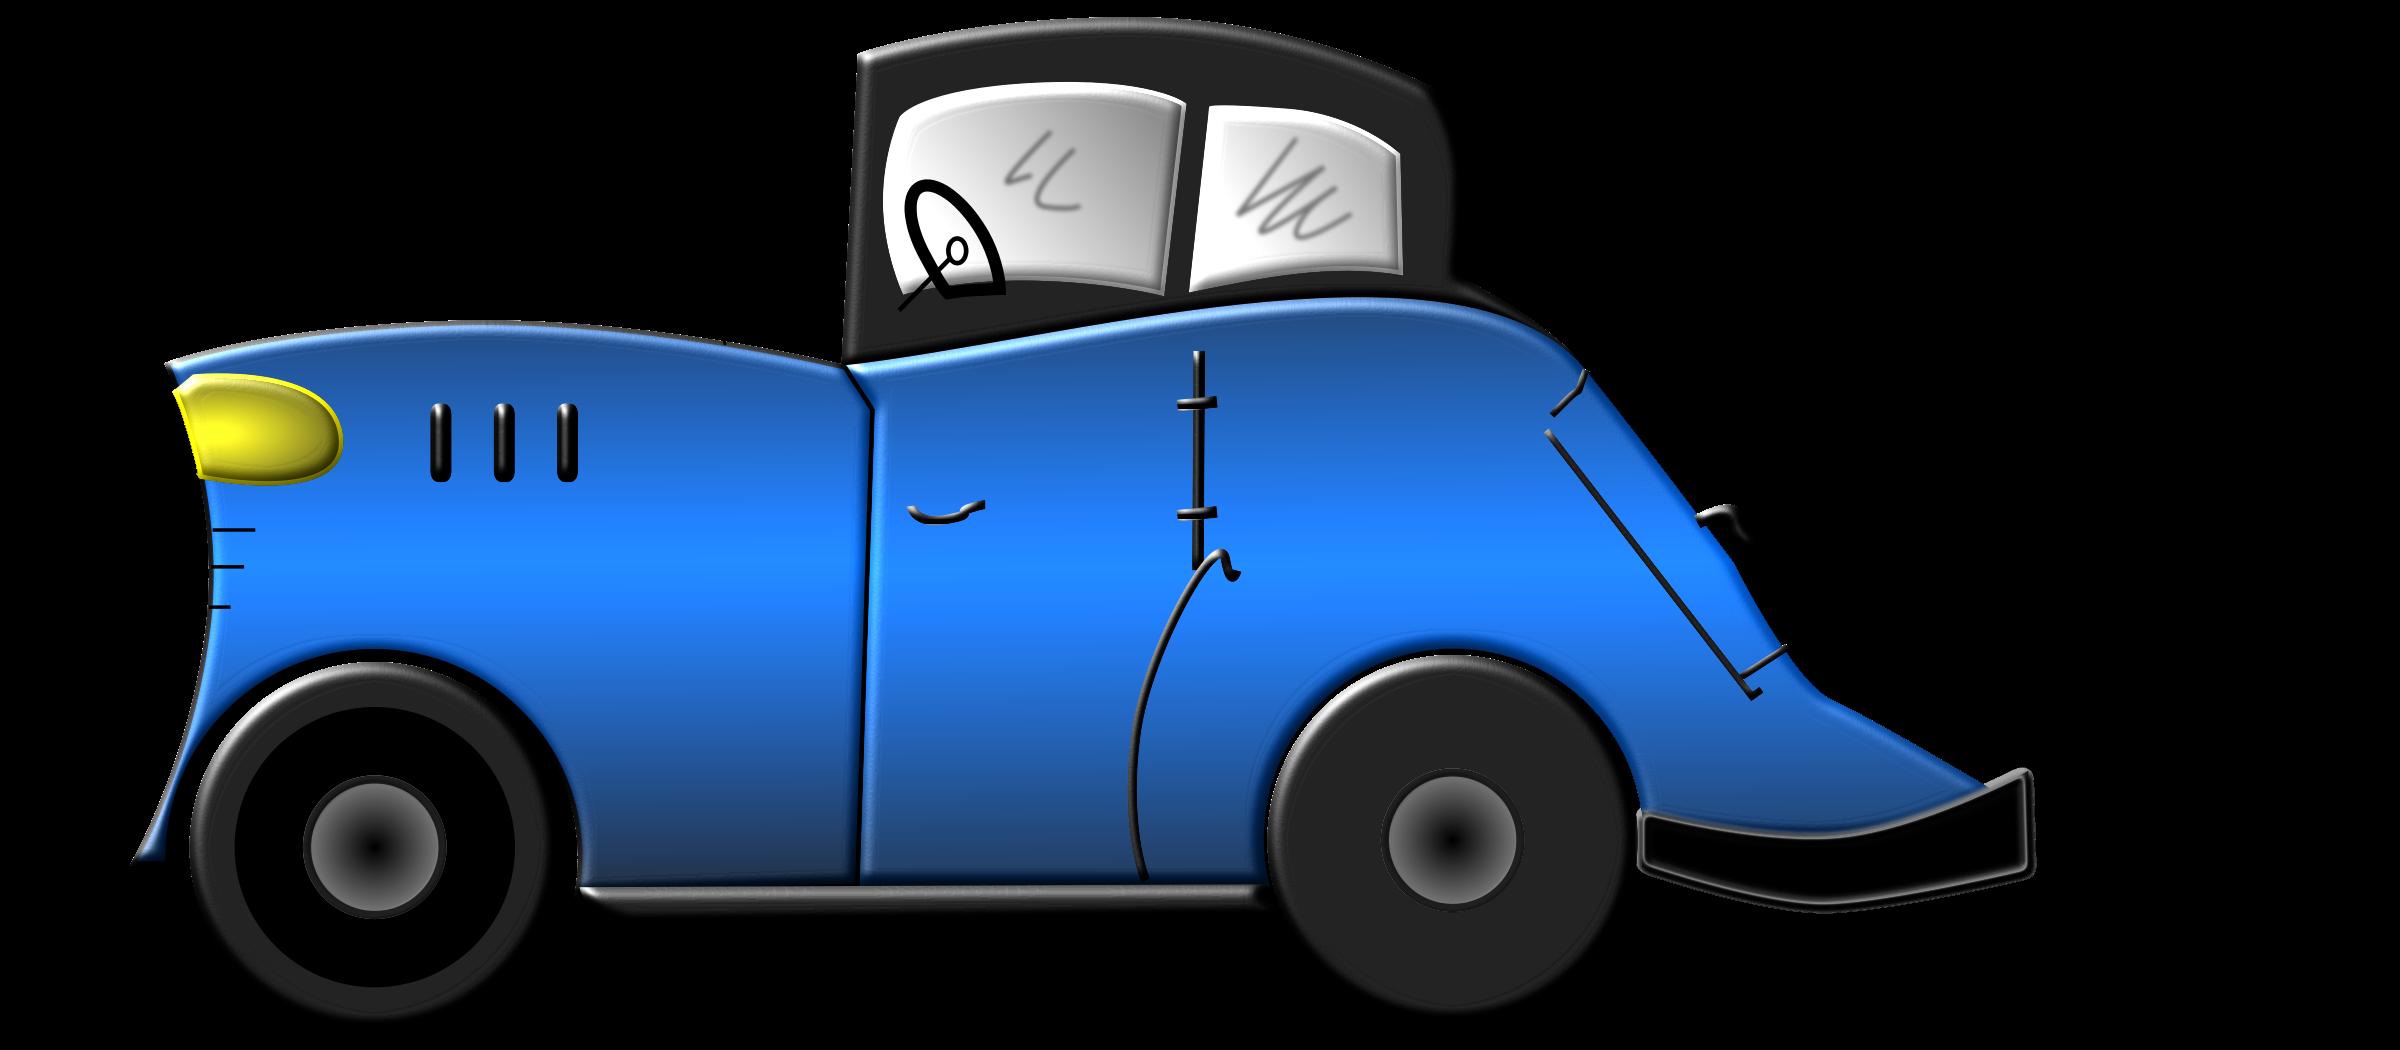 2400x1050 Blue Car Clipart Cool Car